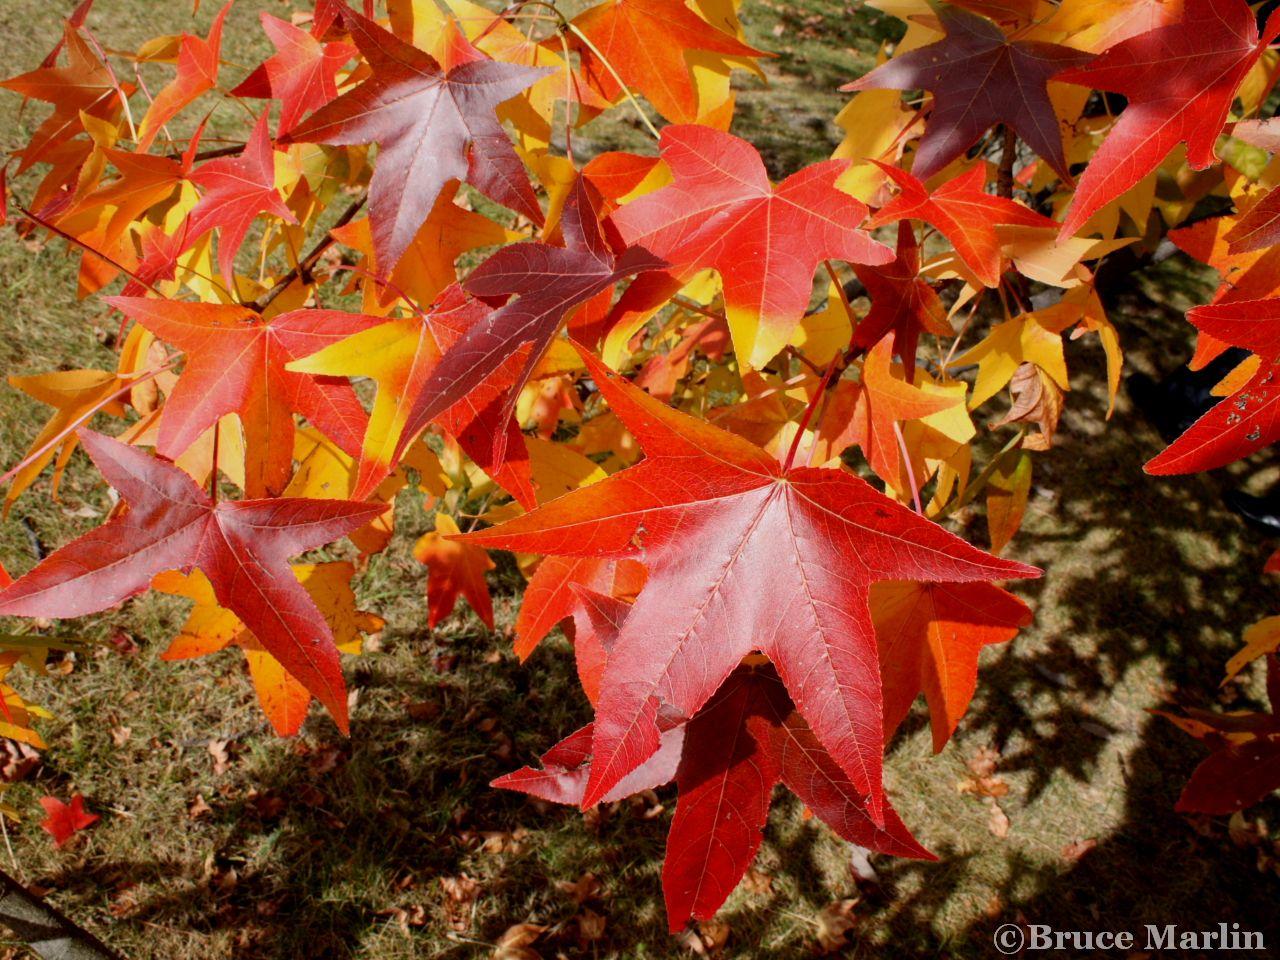 Family Hamamelidaceae - sweet gum foliage